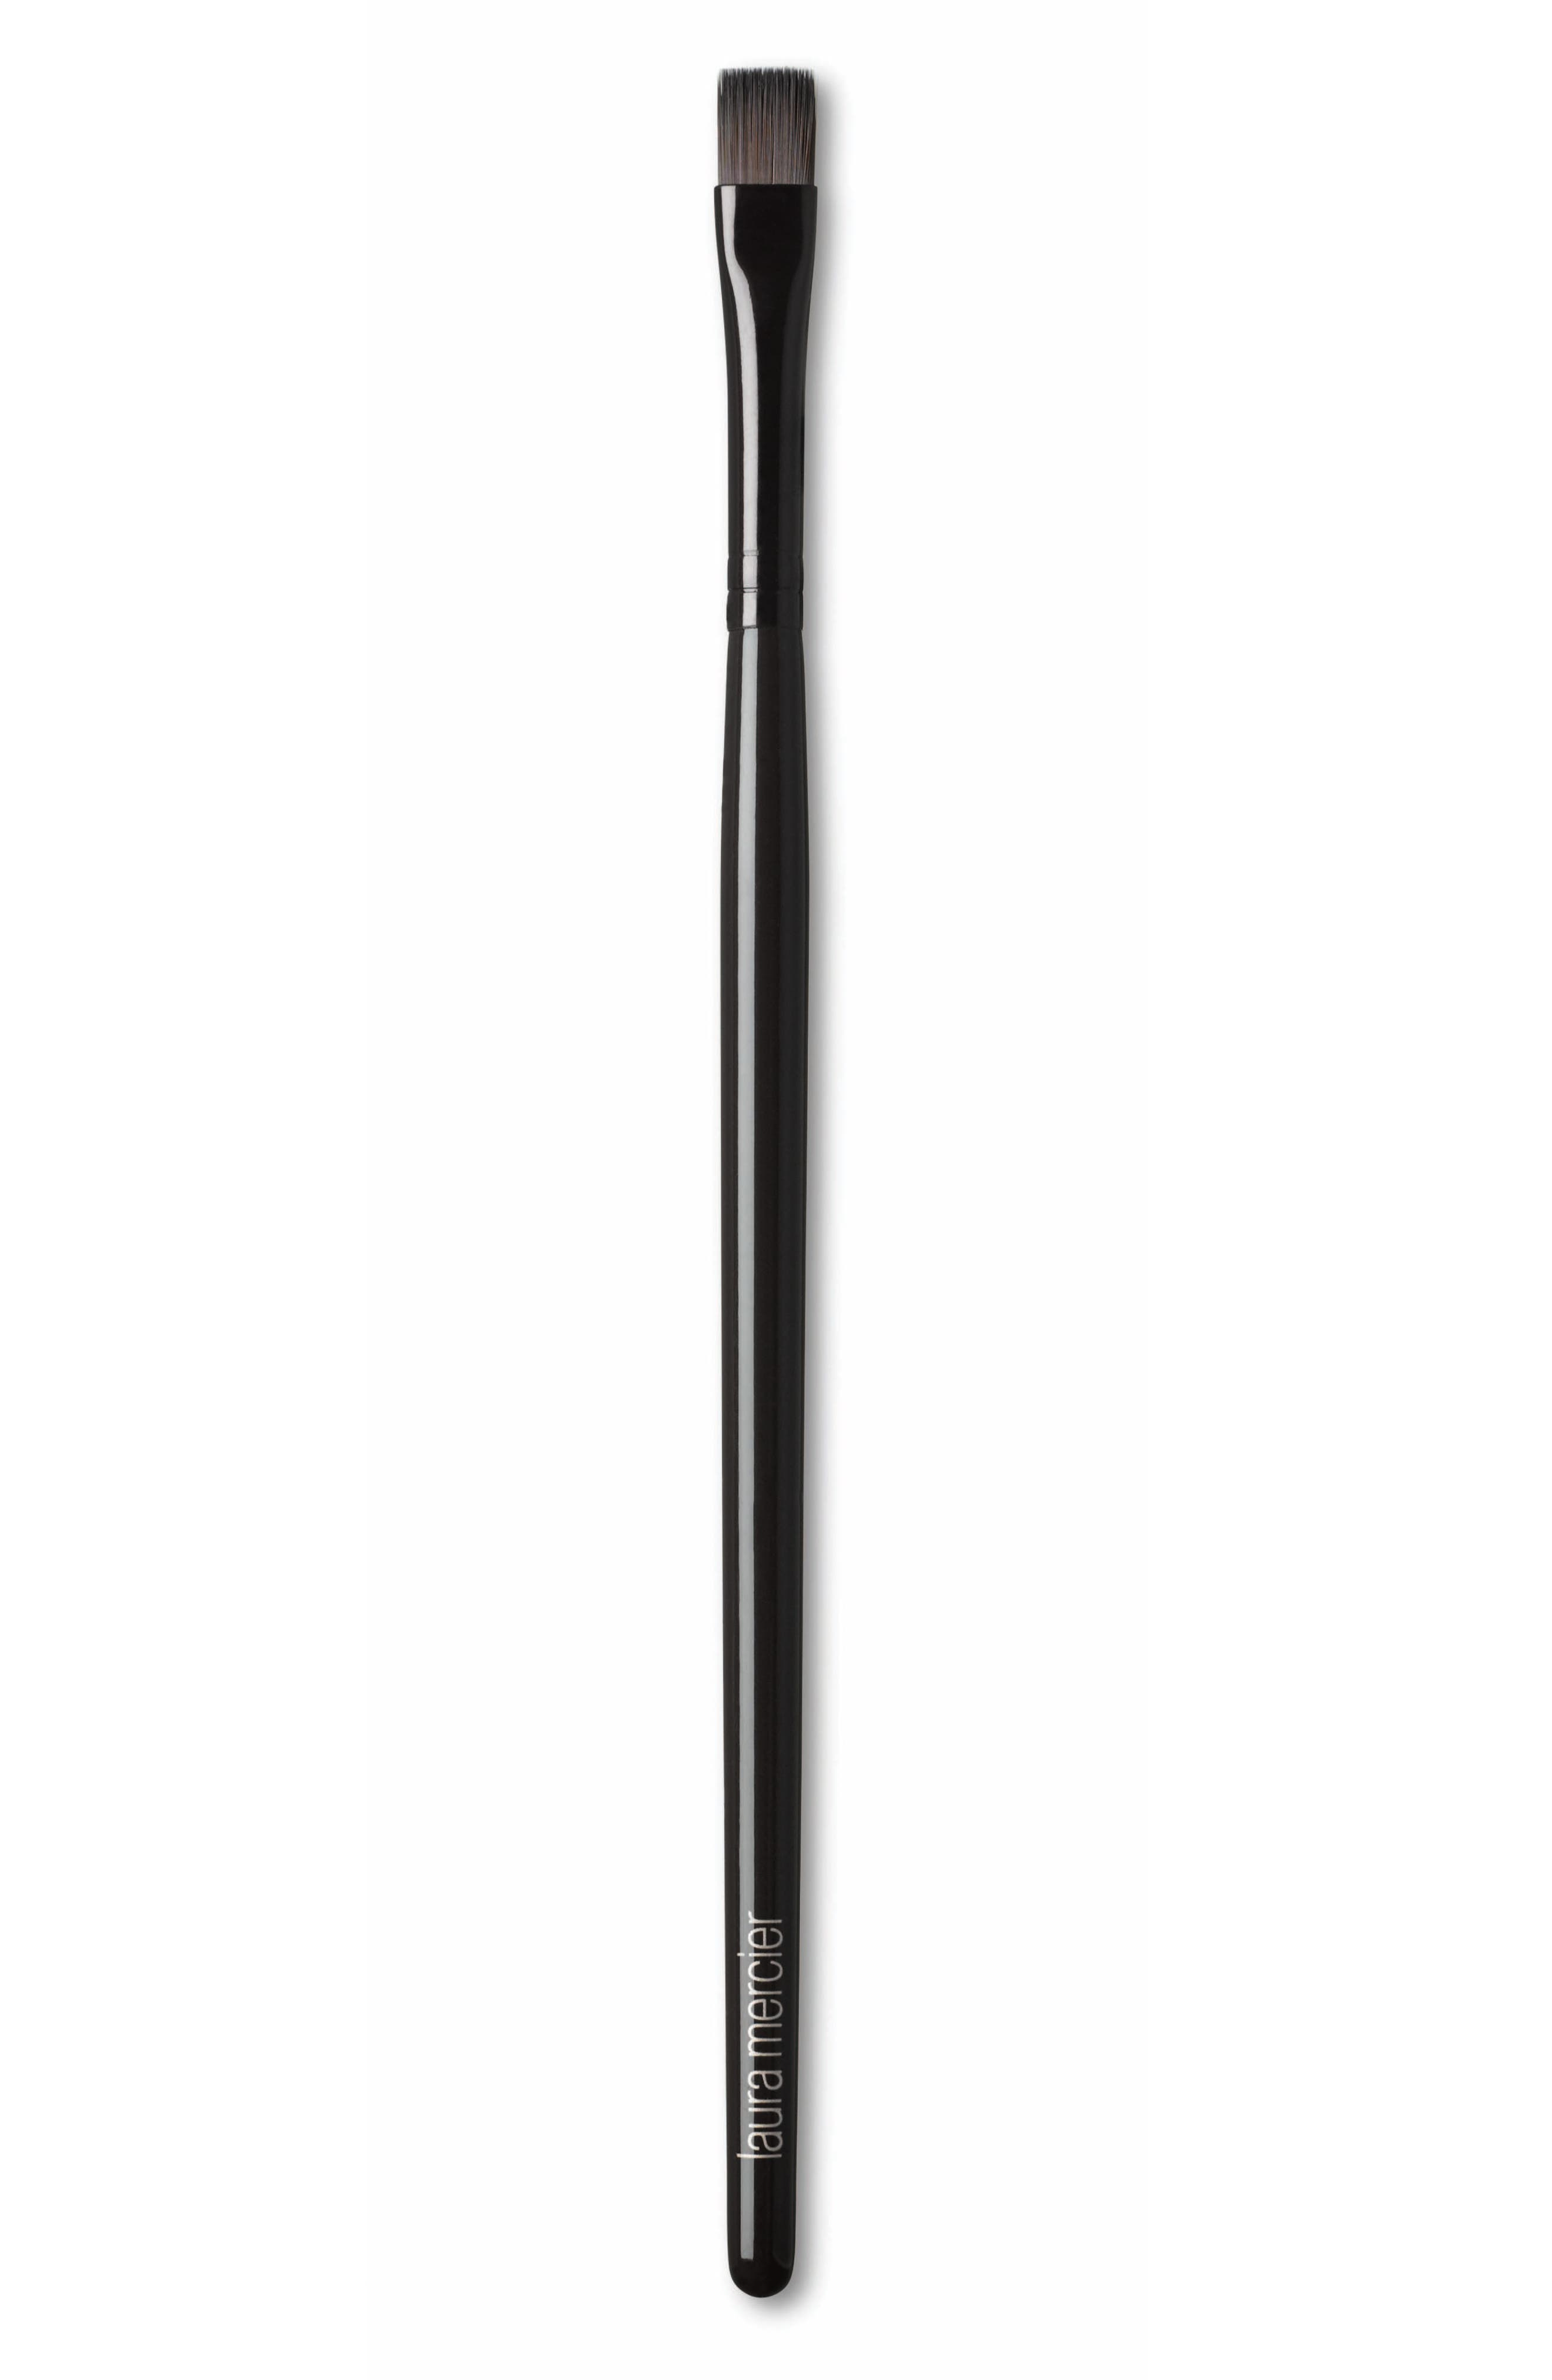 Flat Eyeliner Brush,                             Main thumbnail 1, color,                             No Color